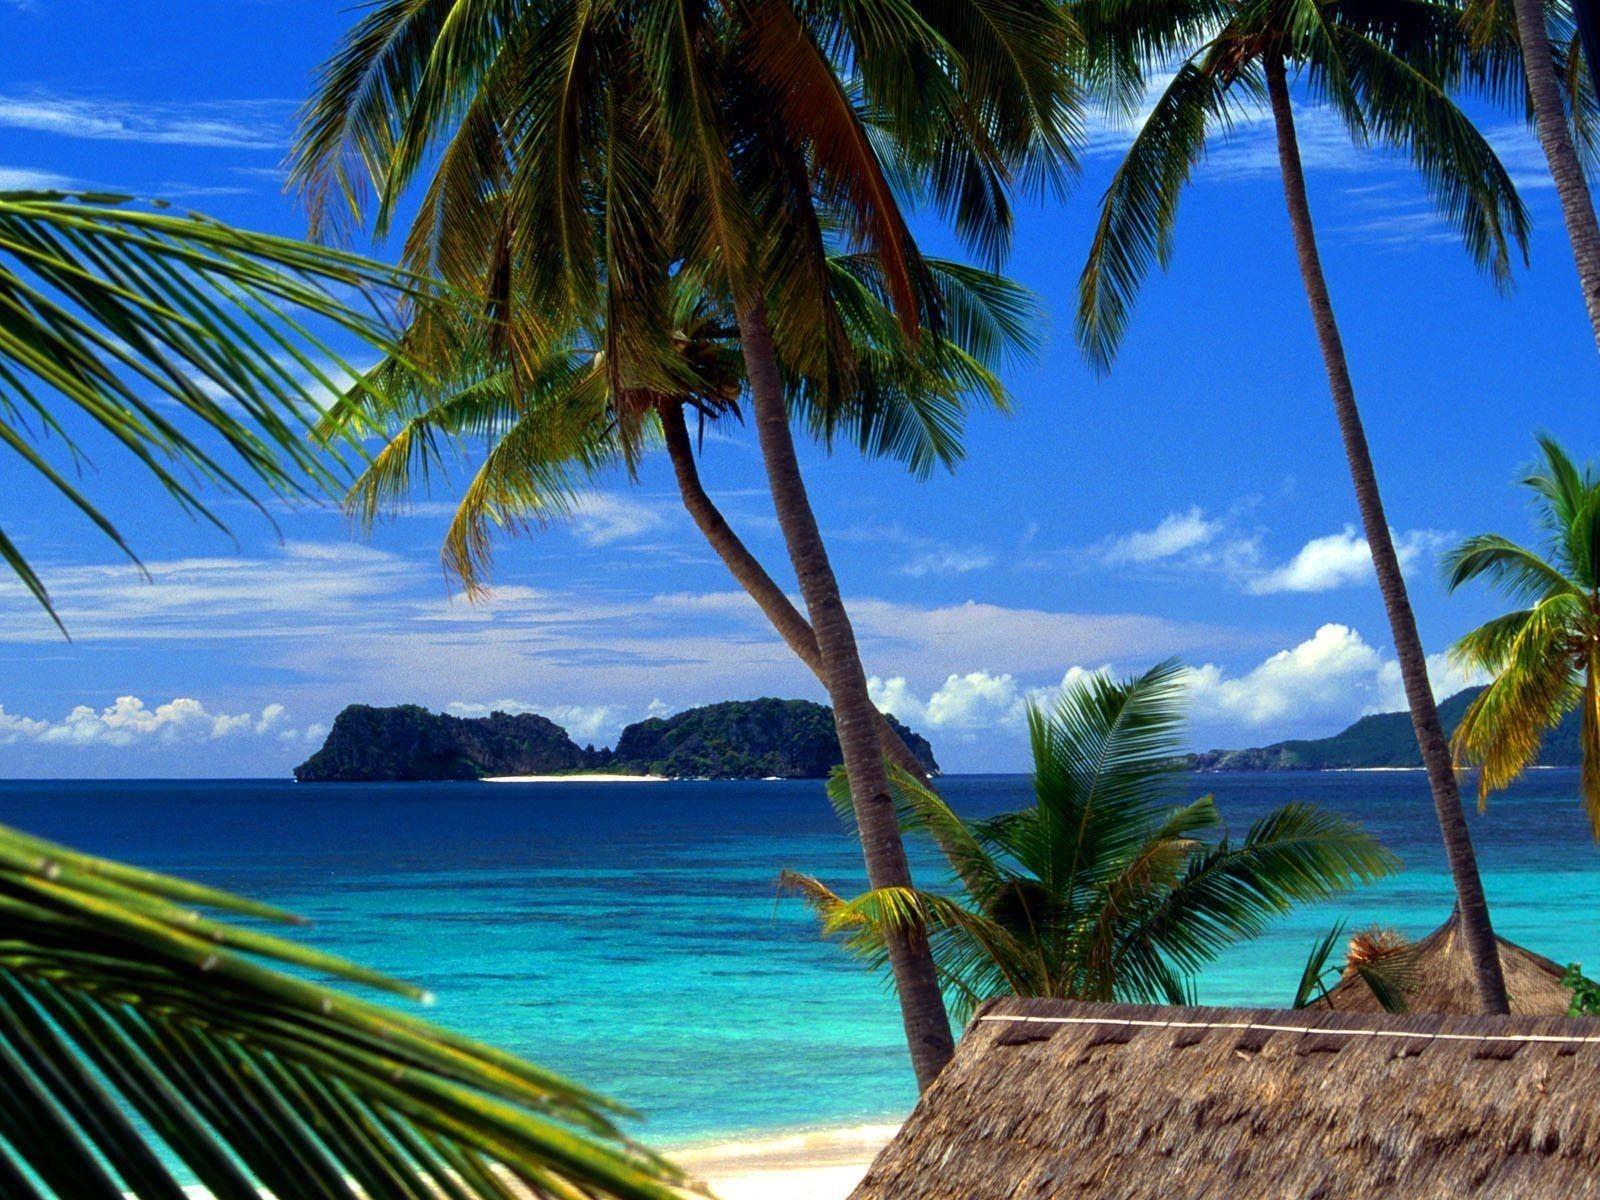 Tropical Beach Landscape images